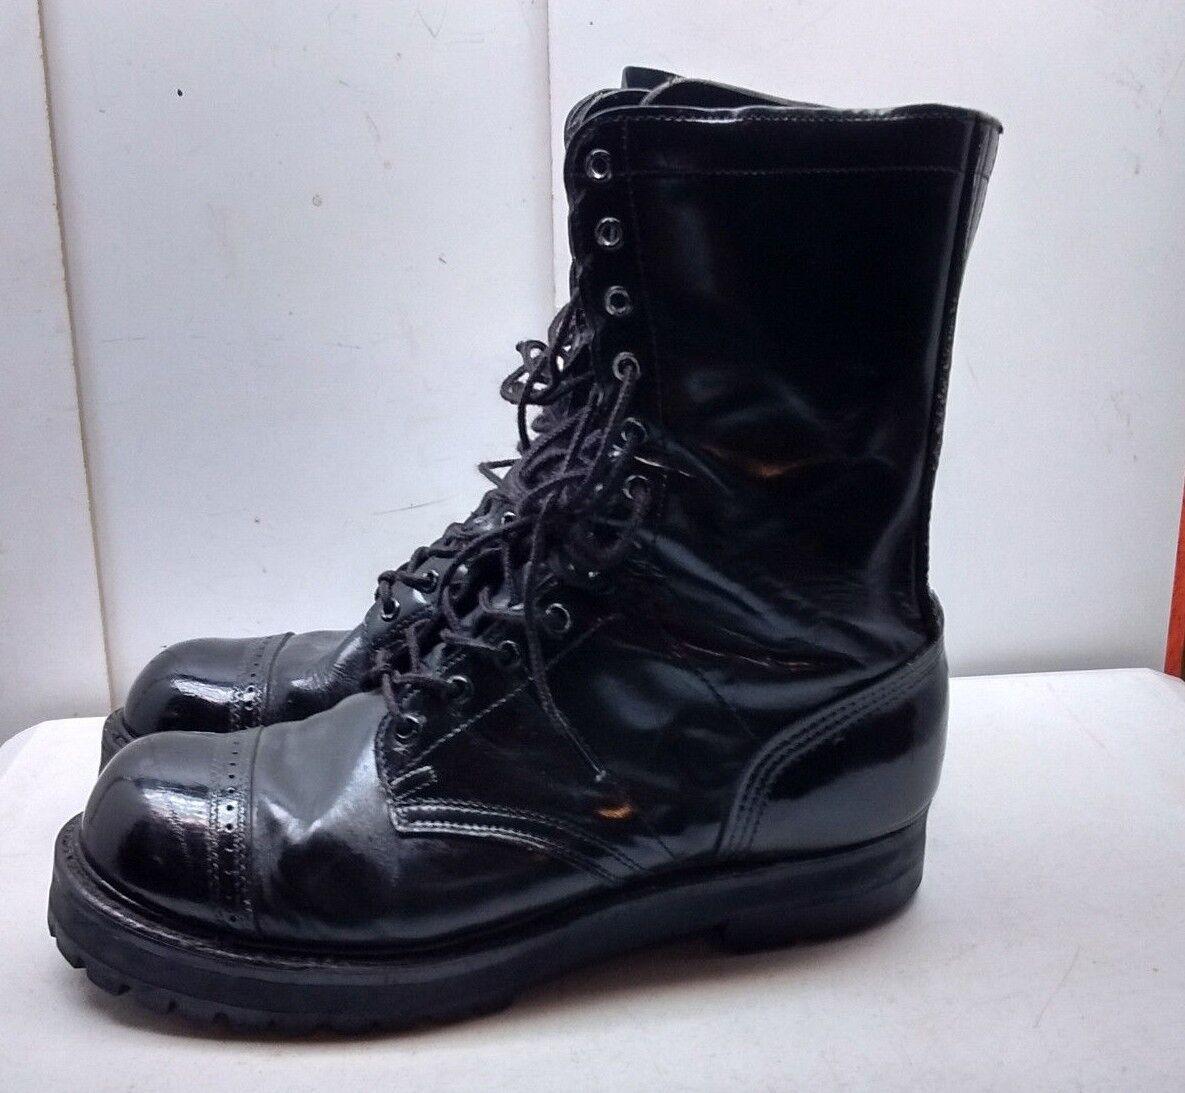 Double H marca HH salto de arranque de Cuero Negro Militar Corcoran Combate Hombres Zapatos 11M